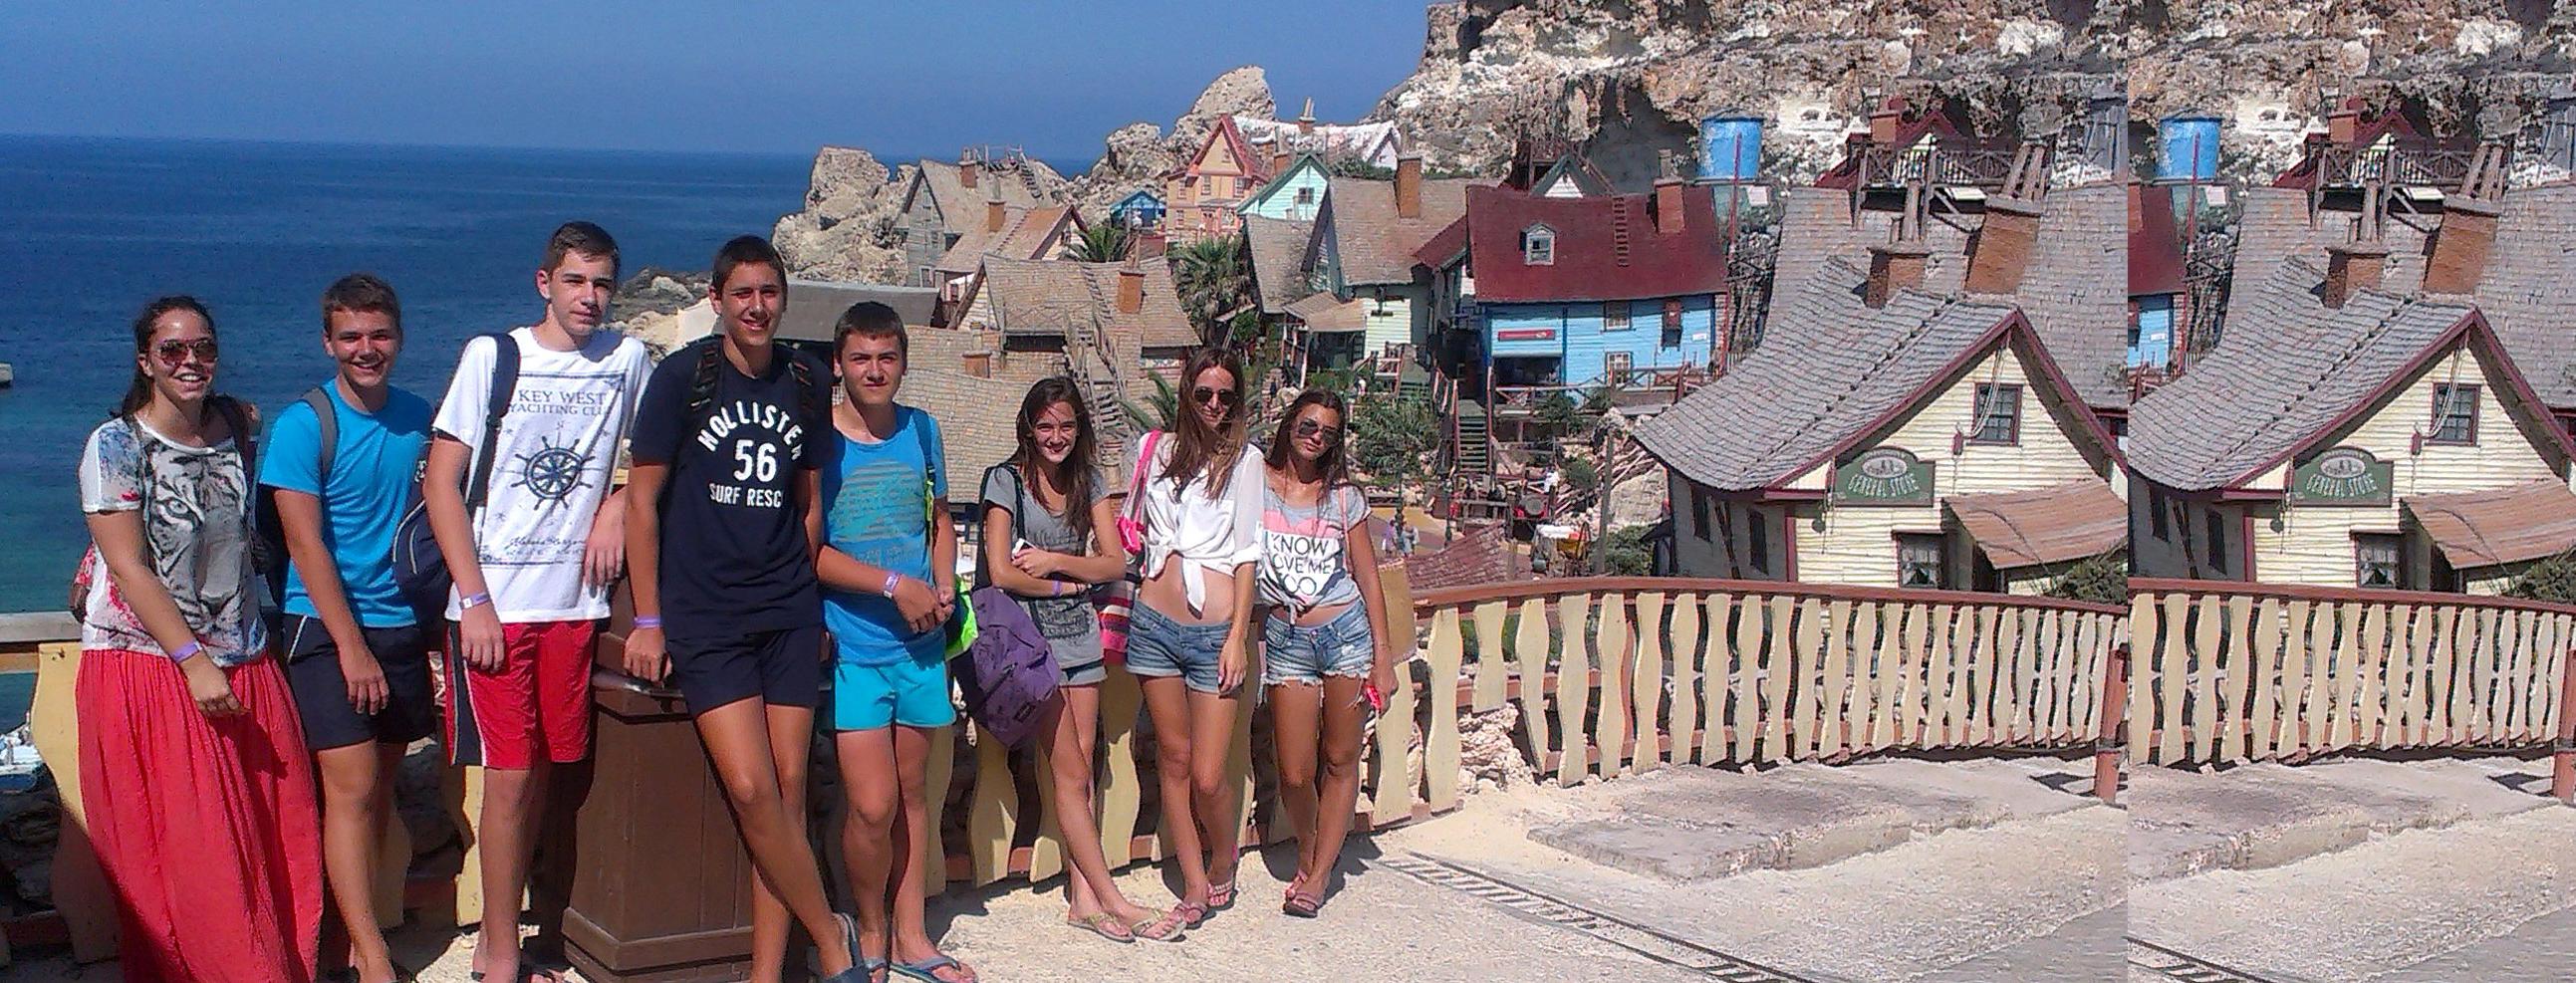 Skola engleskog jezika na Malti, Verbalisti u Popajevom selu